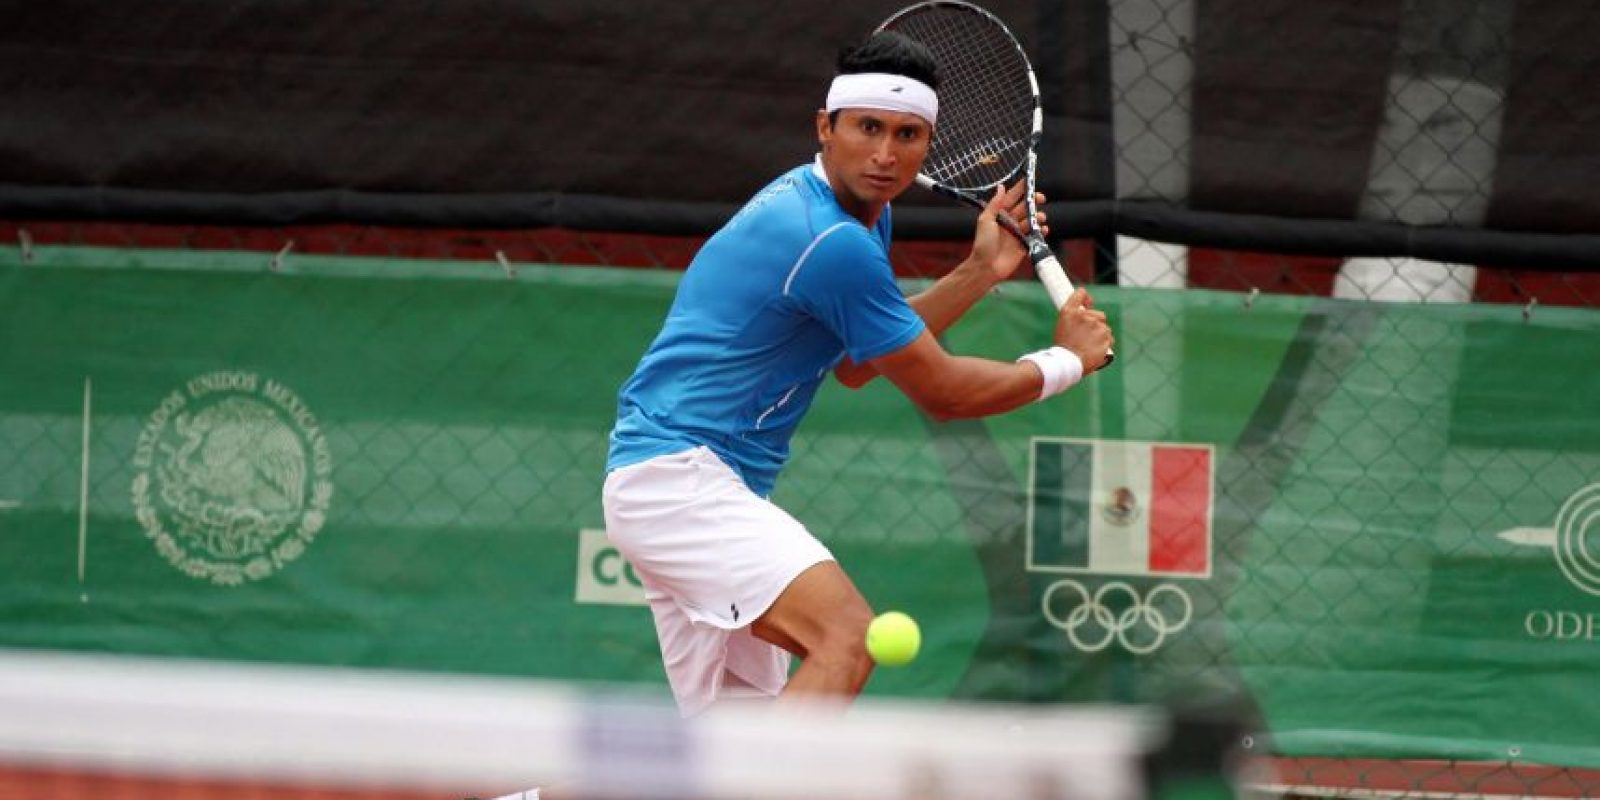 El tenista Cristopher Díaz no pudo avanzar y fue eliminado en los cuartos de final. Foto:COG